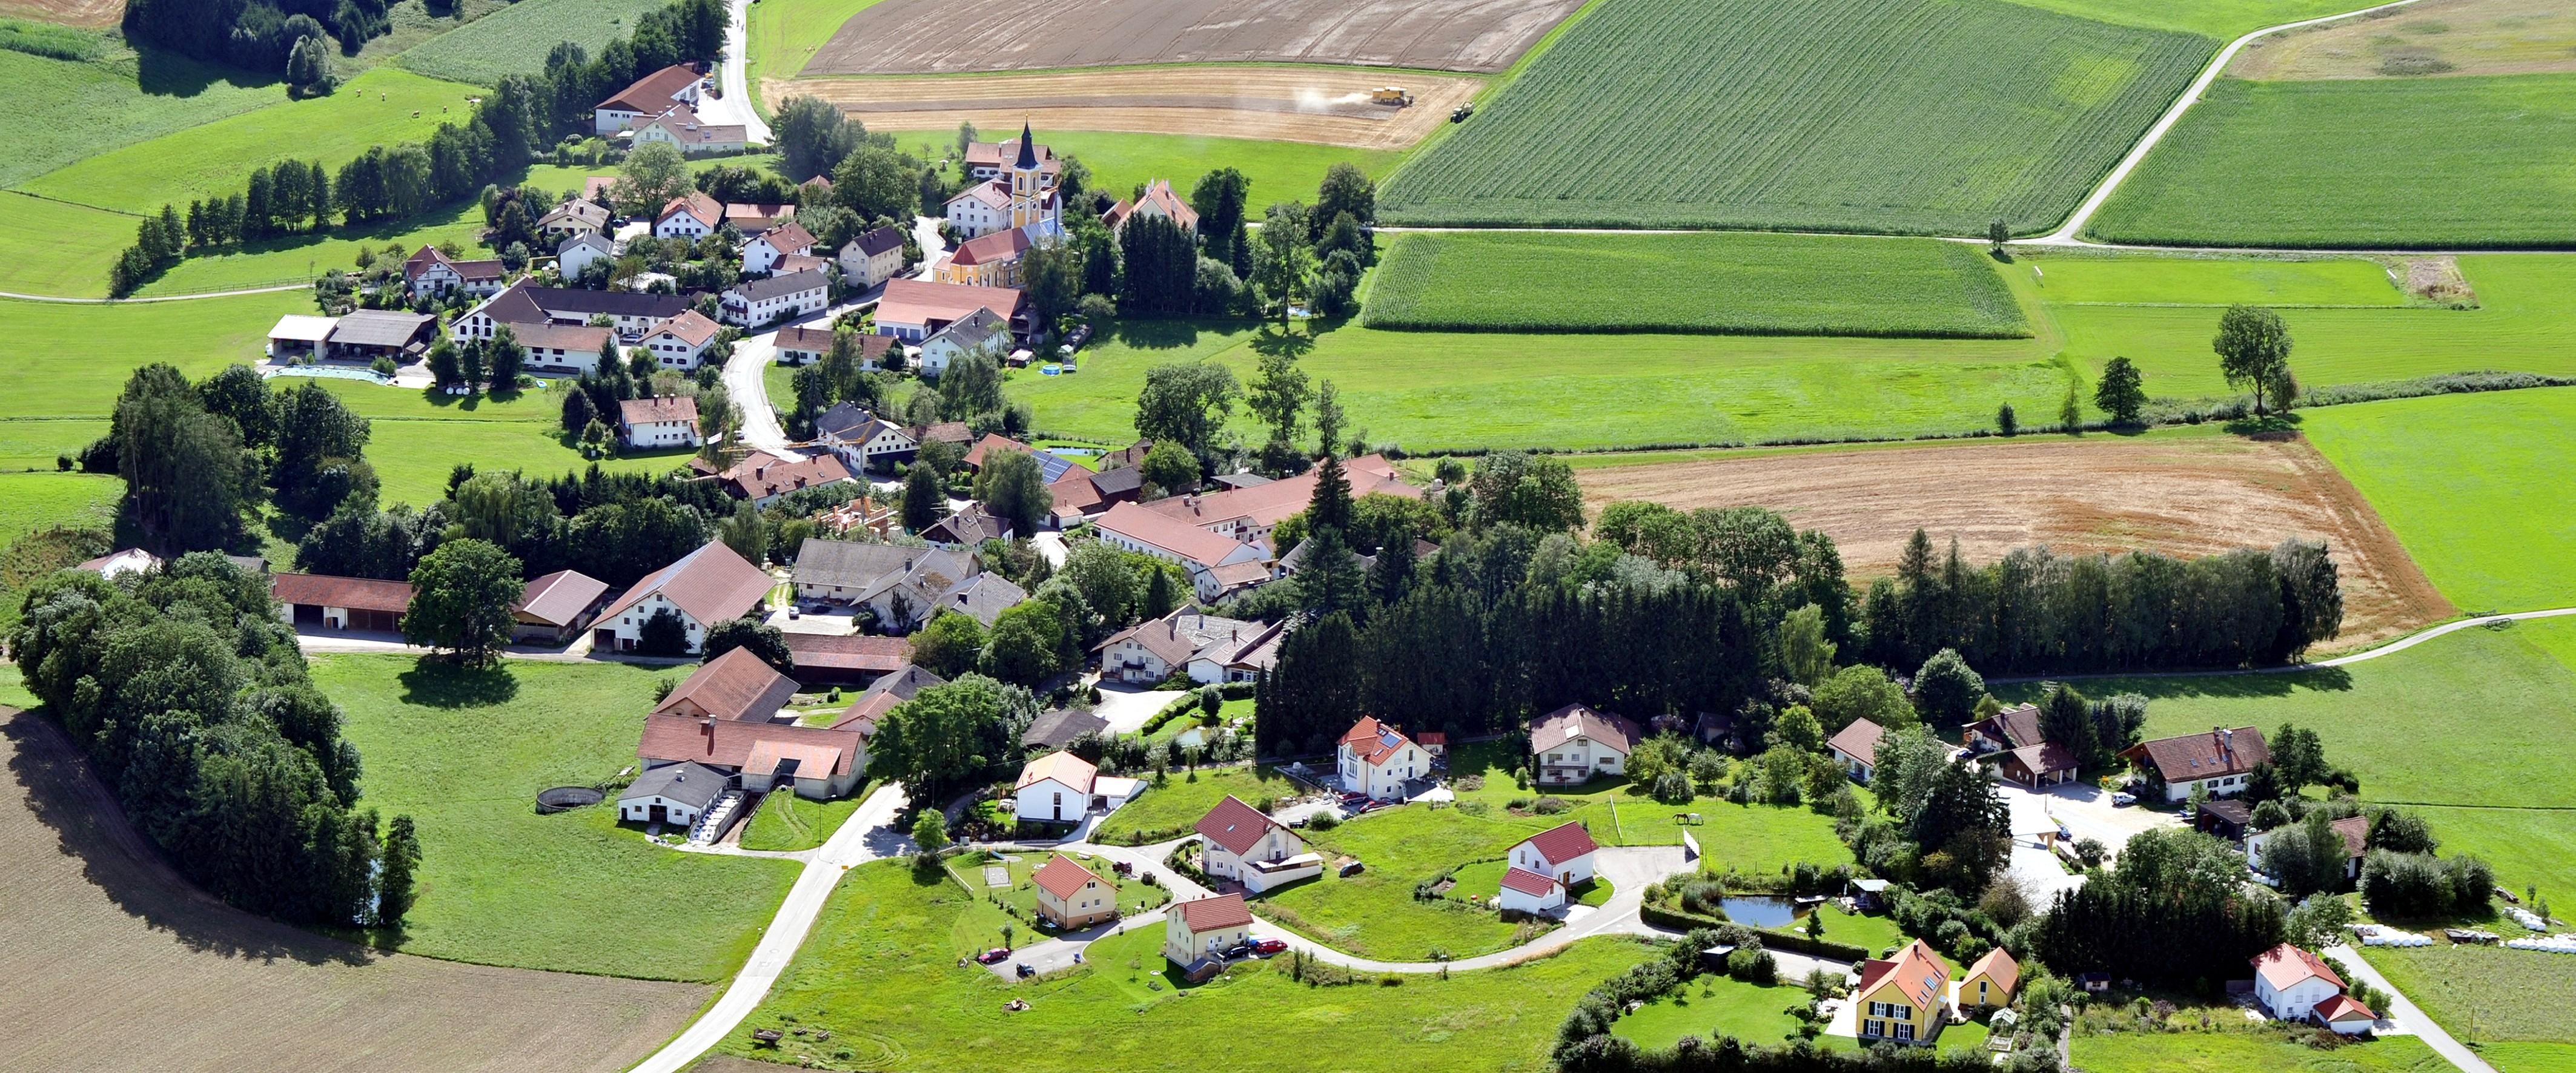 Ortschaft Wambach